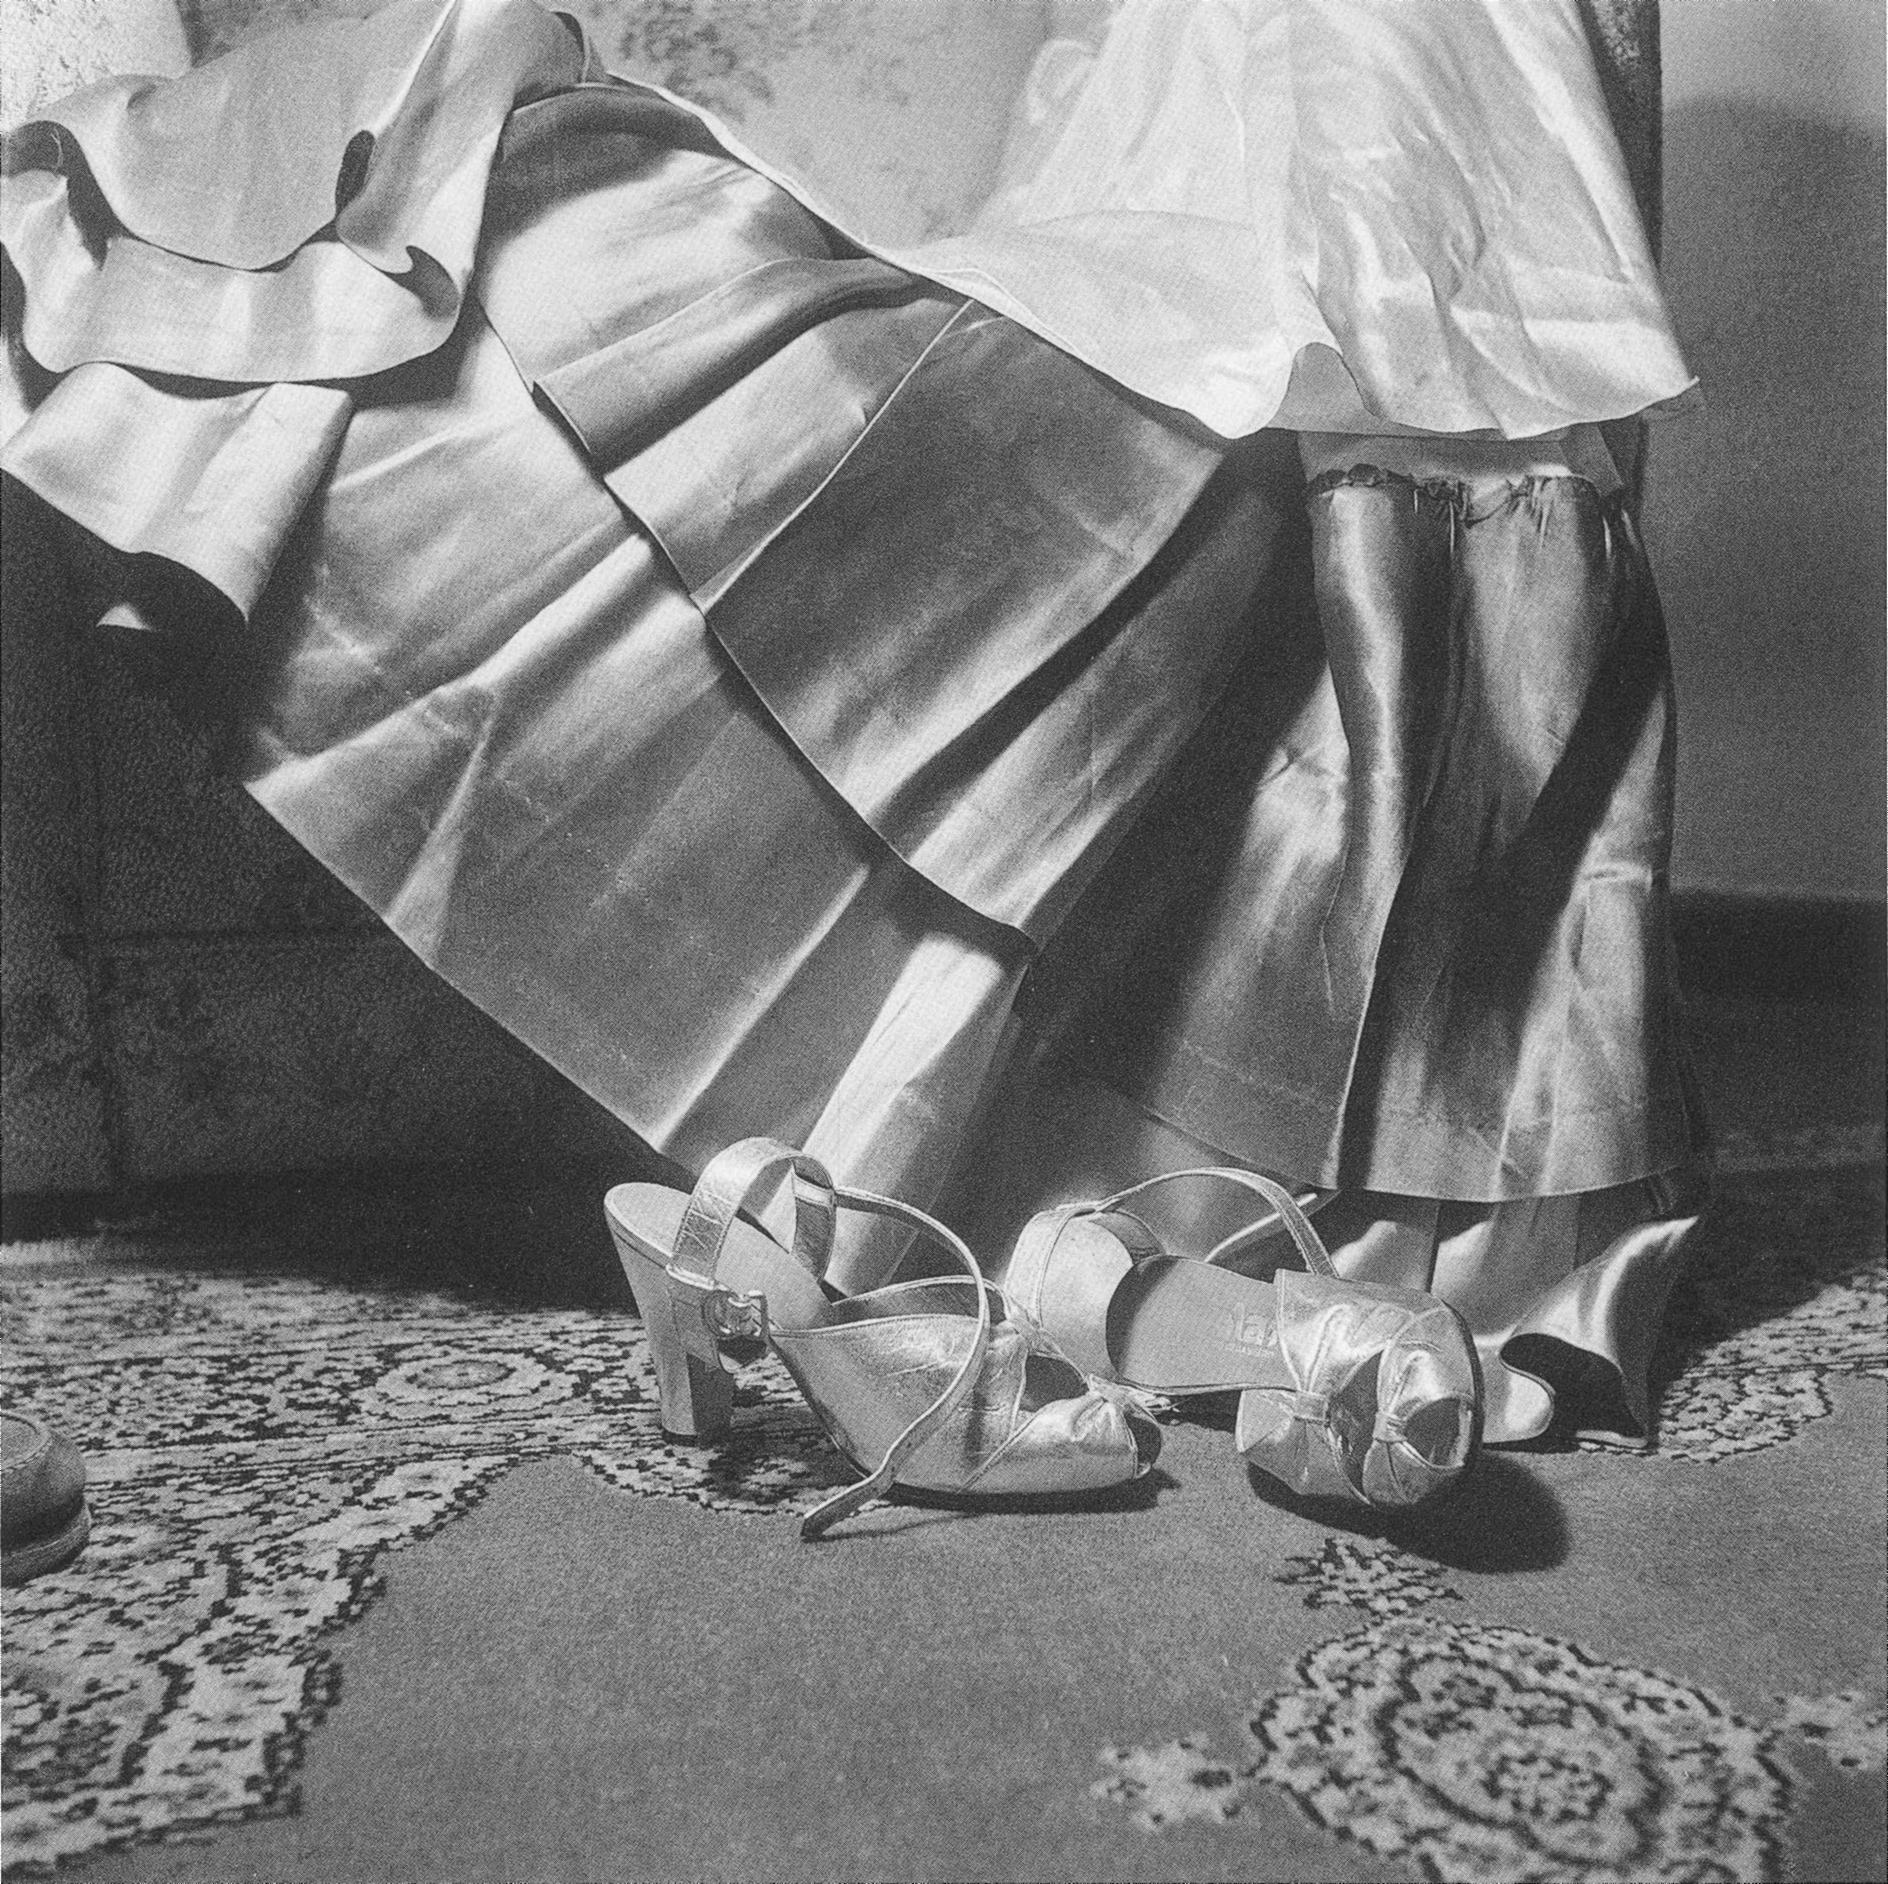 Modefotografie, 1945 © Victor Hugo Klagsbrunn